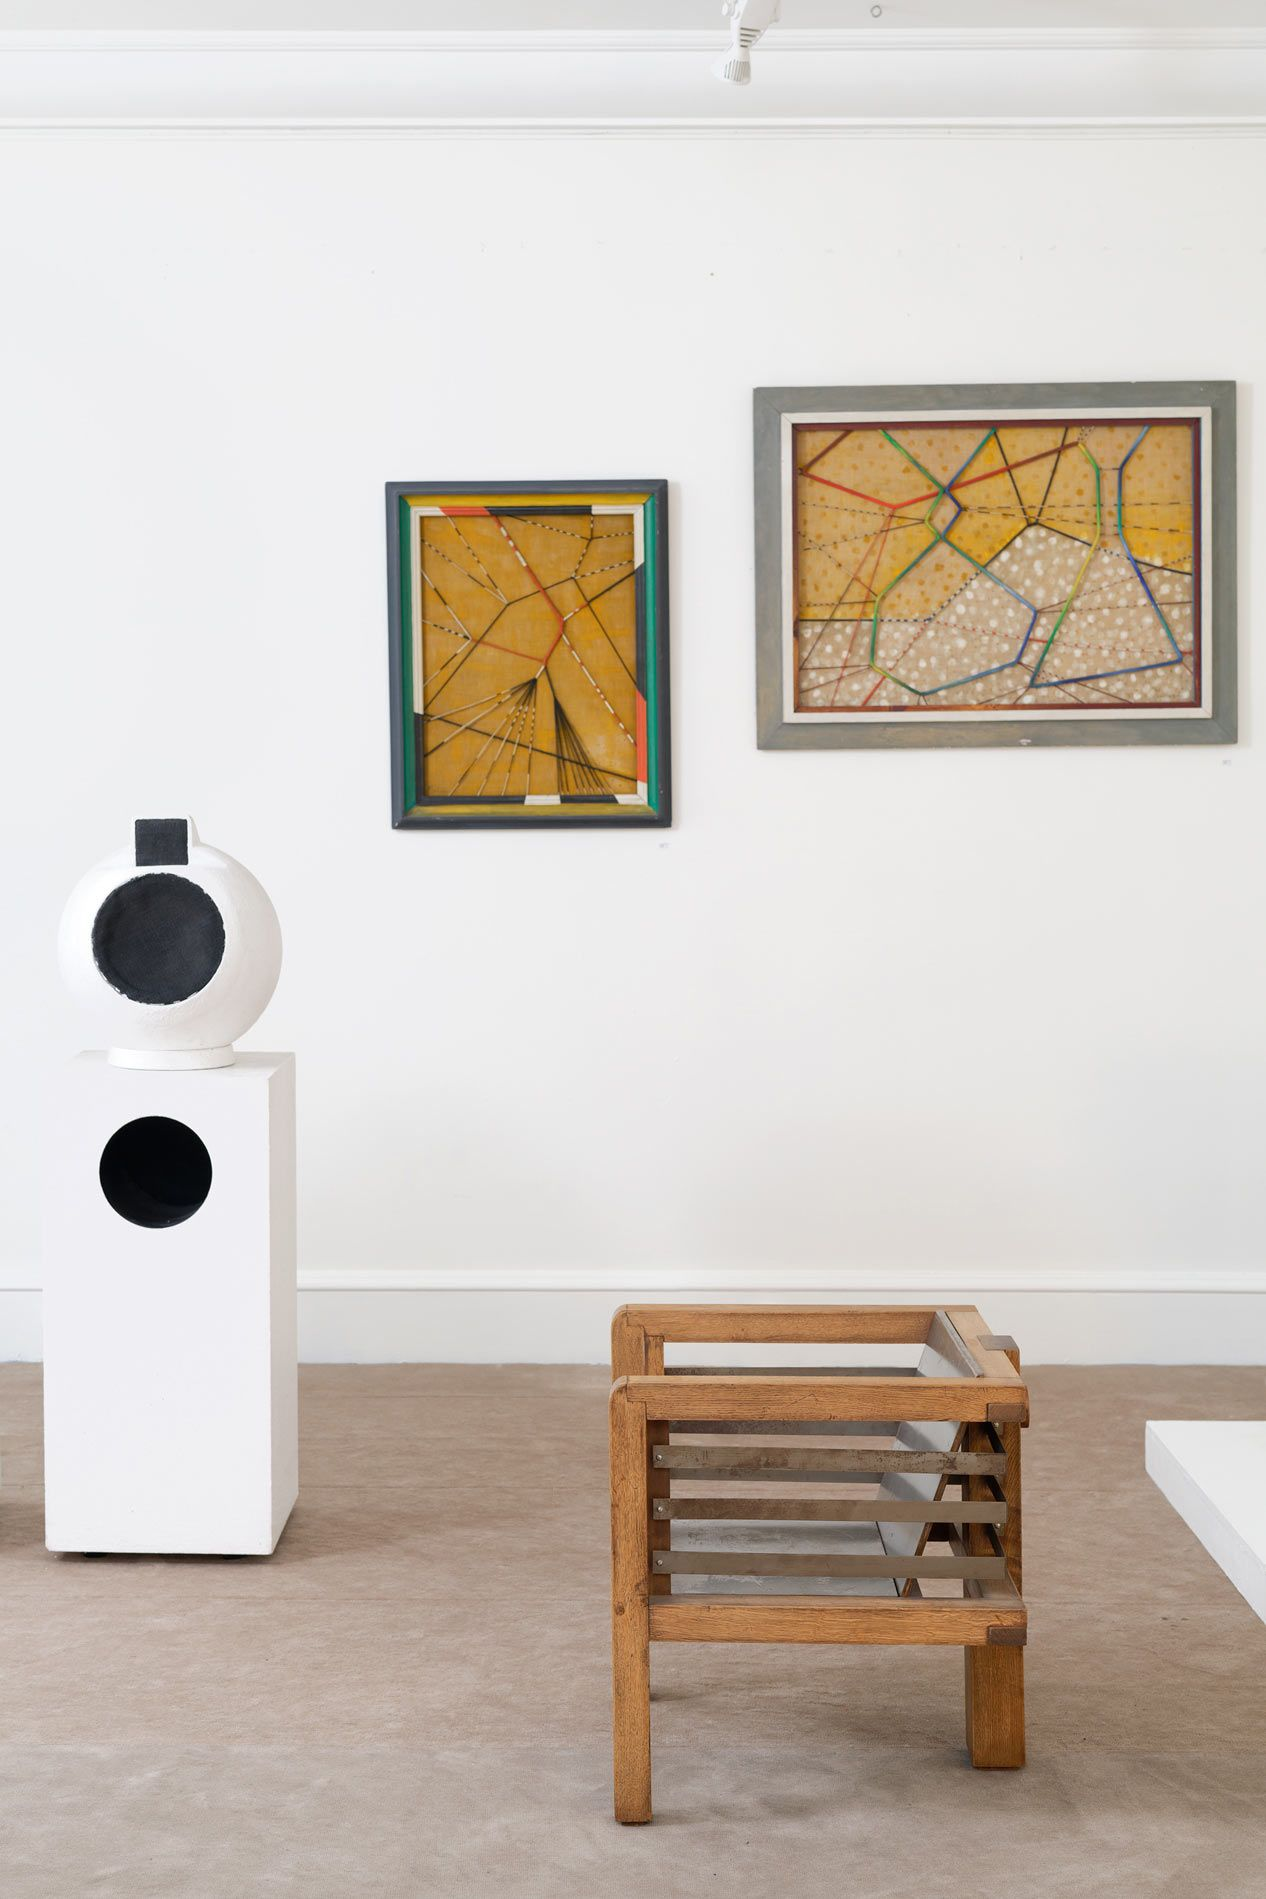 Set Designer Alexandre De Betak Auctions Private Collection